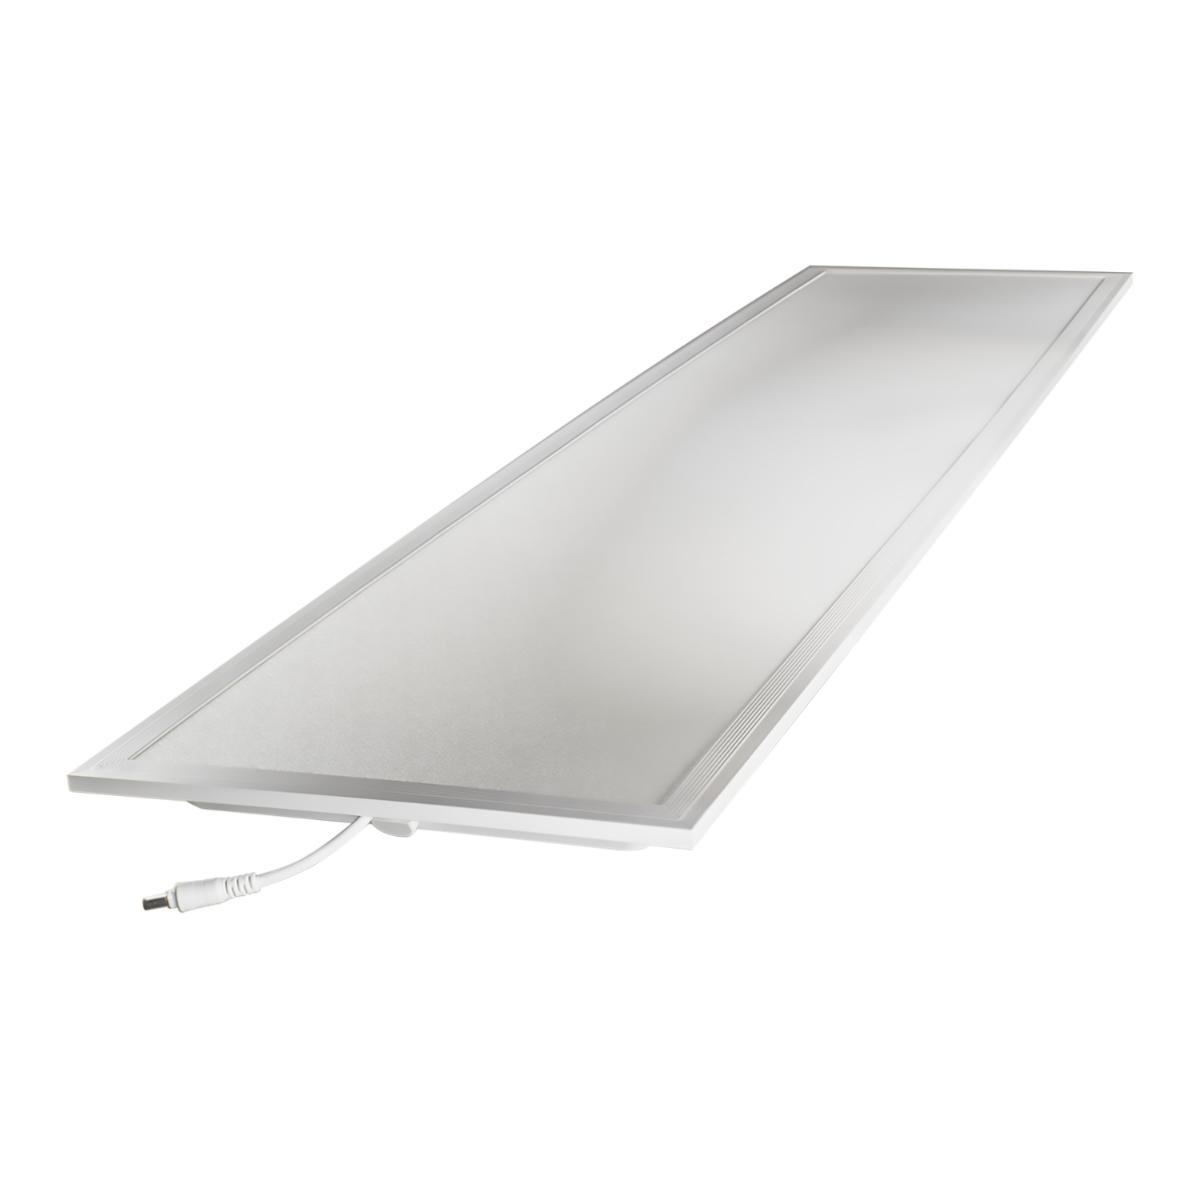 Noxion LED Panel Econox 32W 30x120cm 3000K 3900lm UGR <22 | Warmweiß - Ersatz für 2x36W